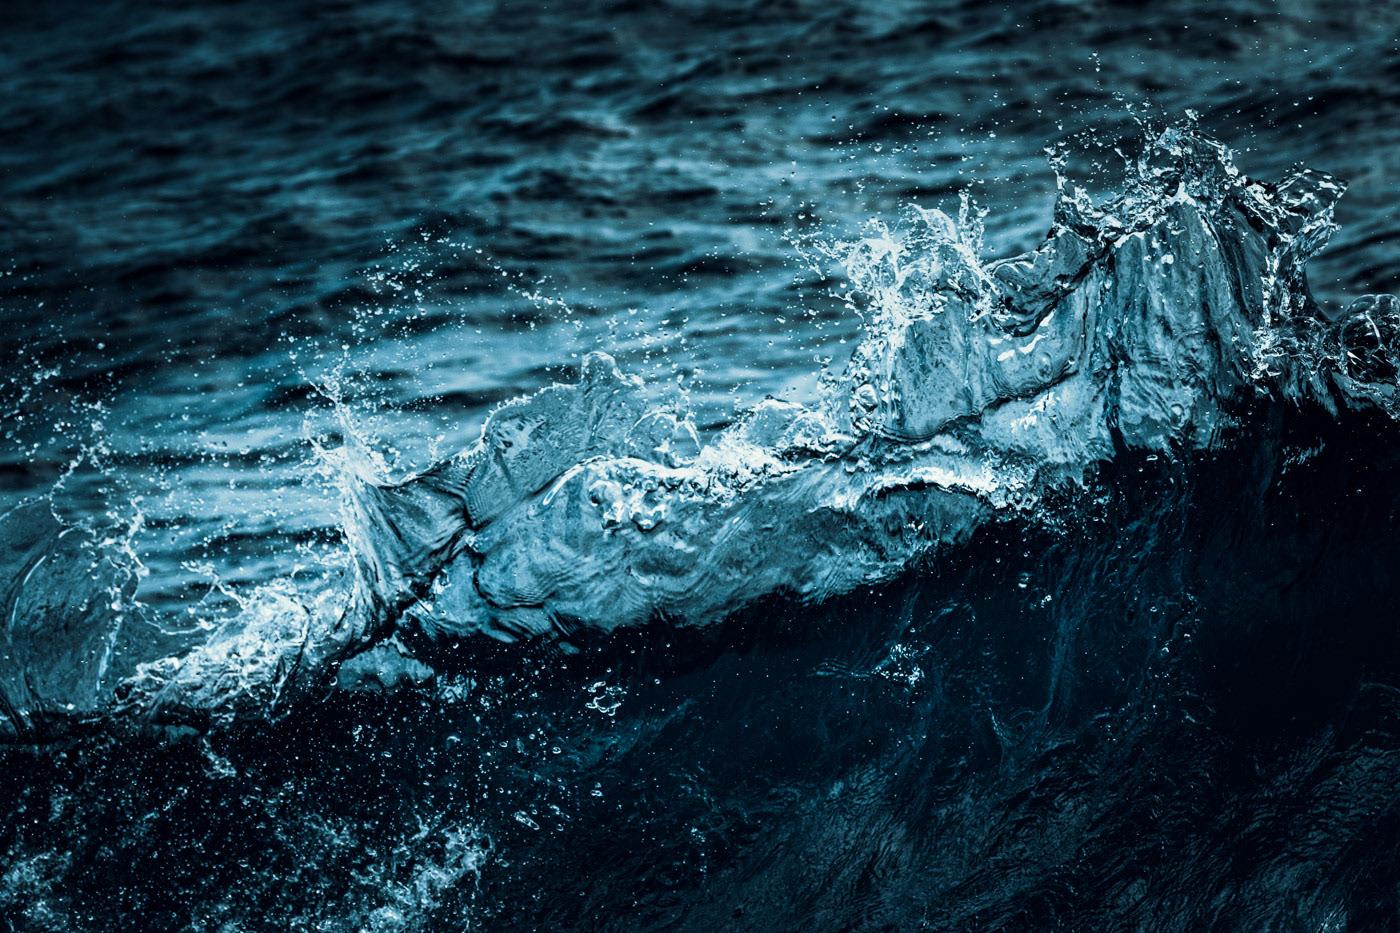 OCEAN BLUES – Drake Passage